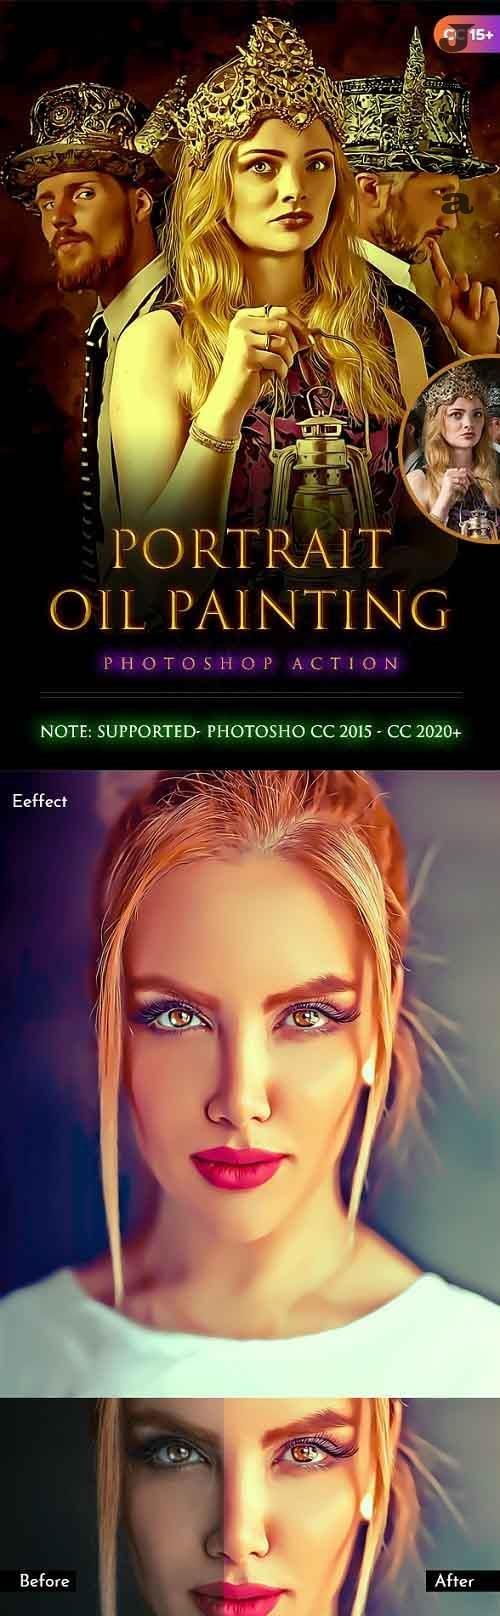 Portrait Oil Painting Action 28368558